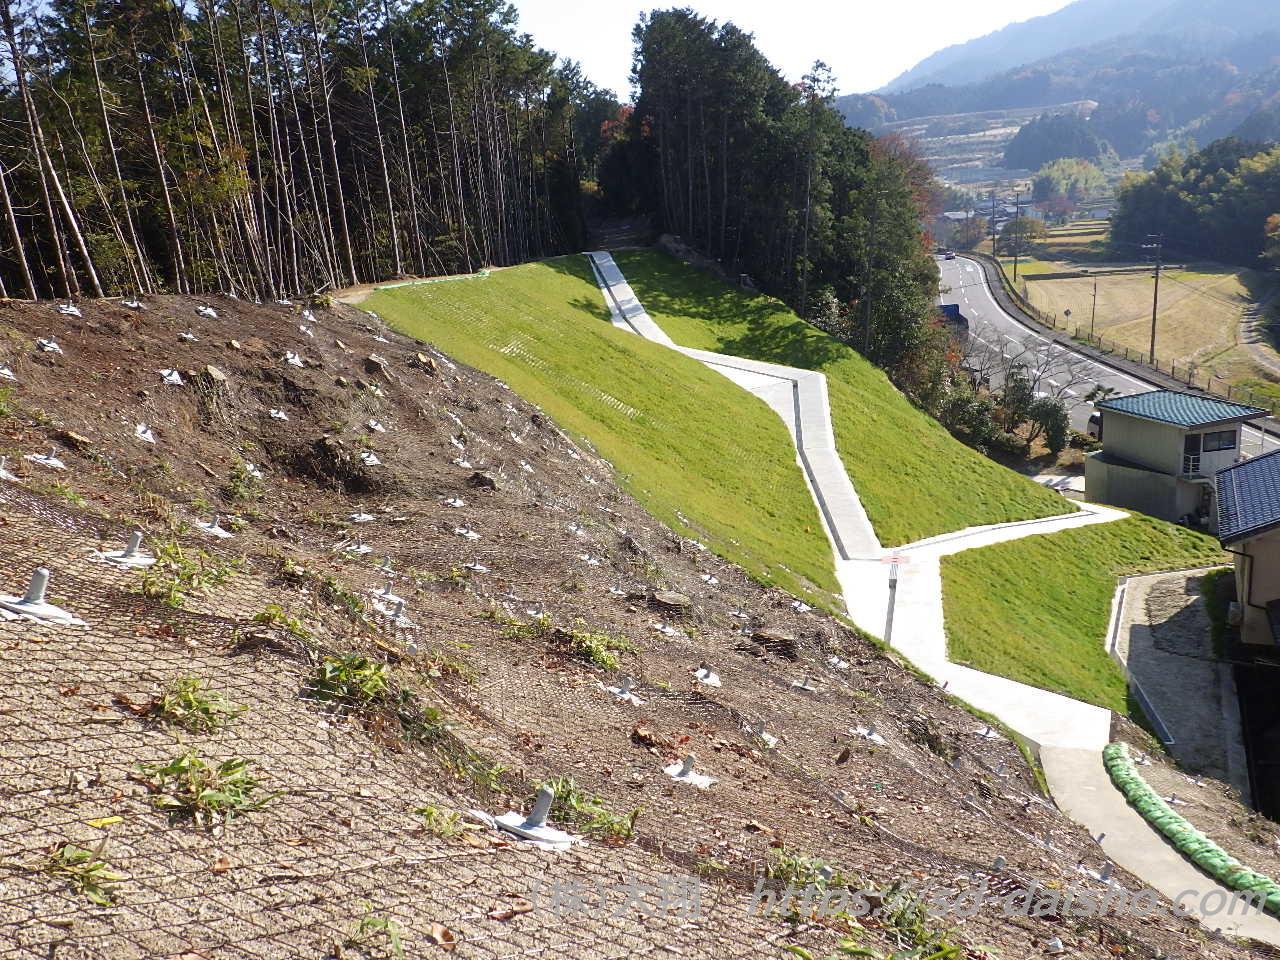 Daisho_slope construction